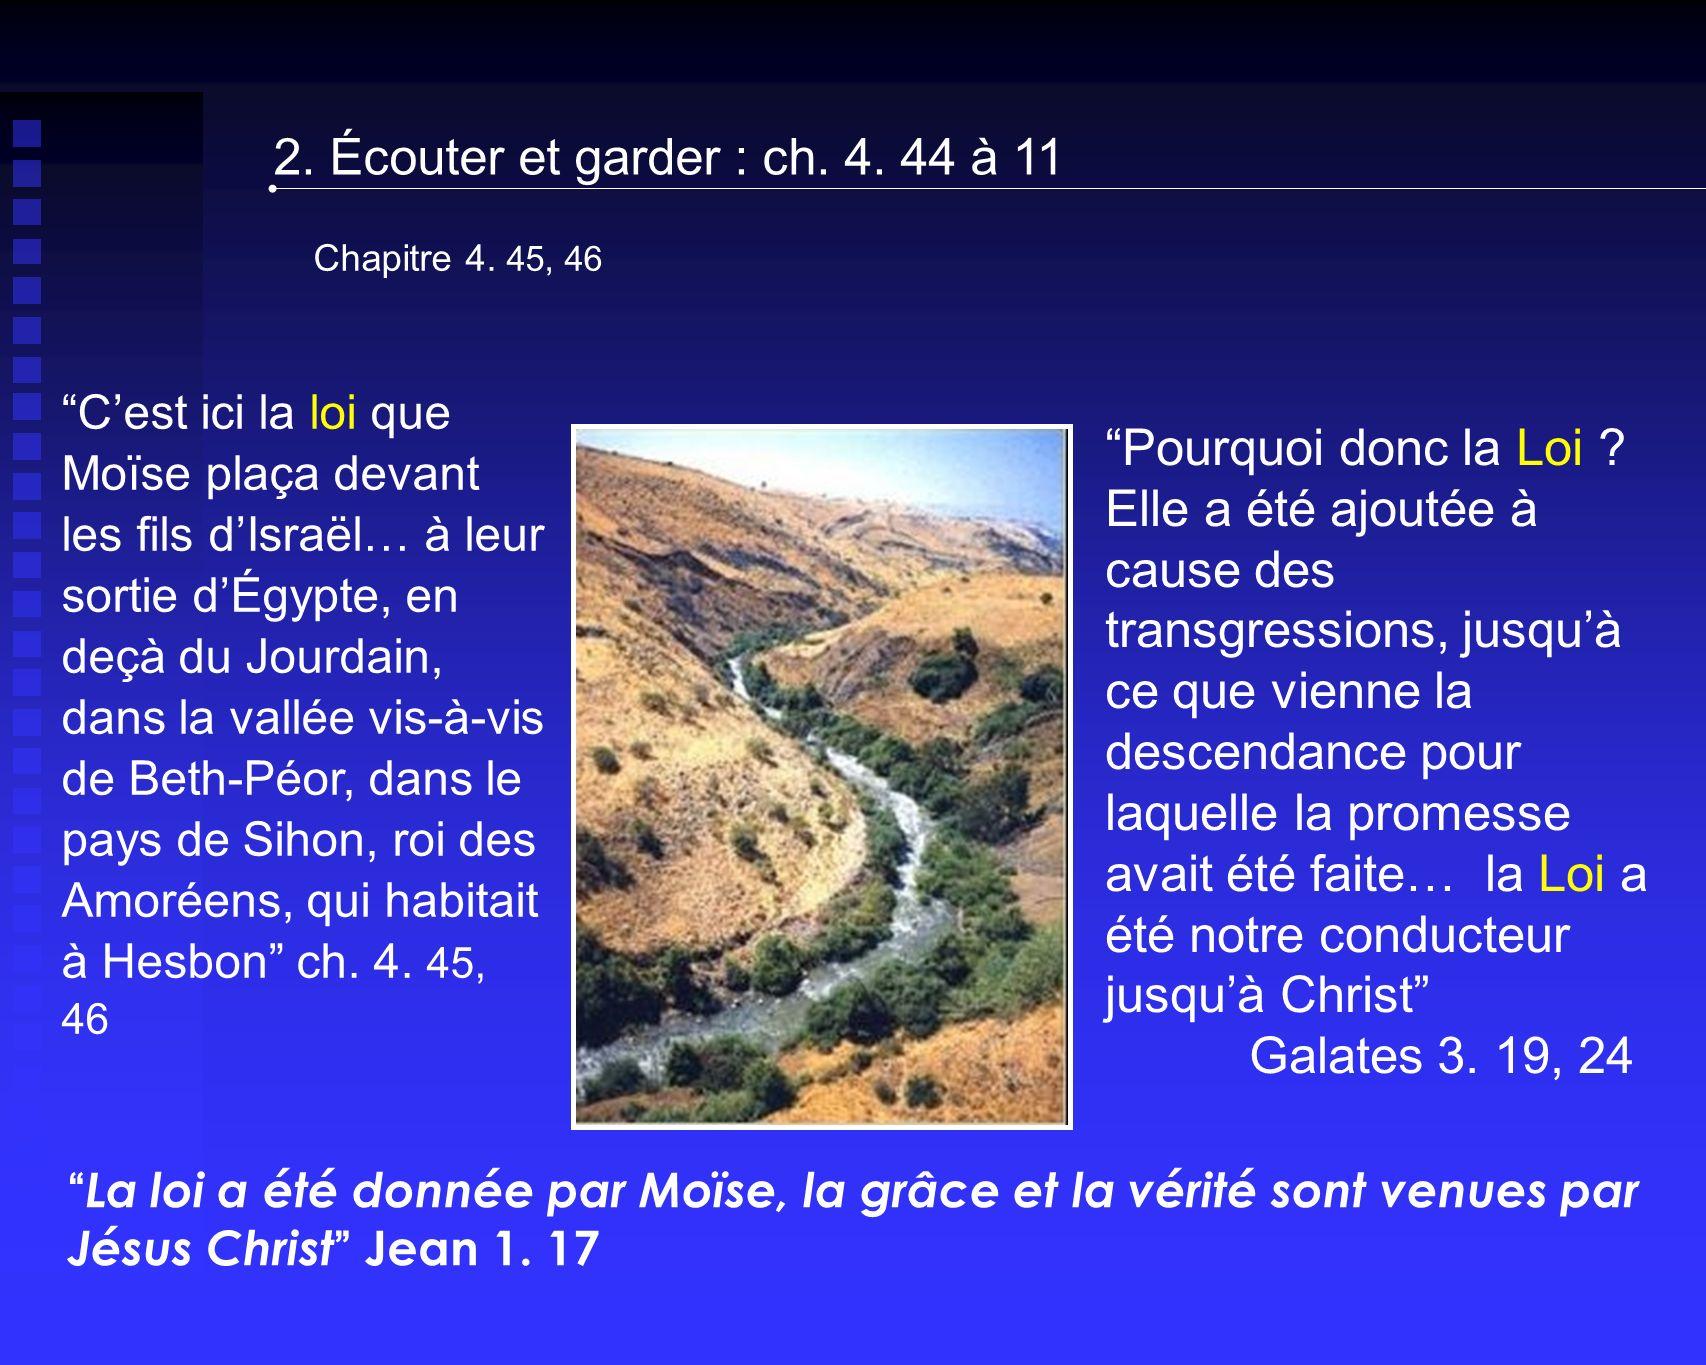 Cest ici la loi que Moïse plaça devant les fils dIsraël… à leur sortie dÉgypte, en deçà du Jourdain, dans la vallée vis-à-vis de Beth-Péor, dans le pays de Sihon, roi des Amoréens, qui habitait à Hesbon ch.